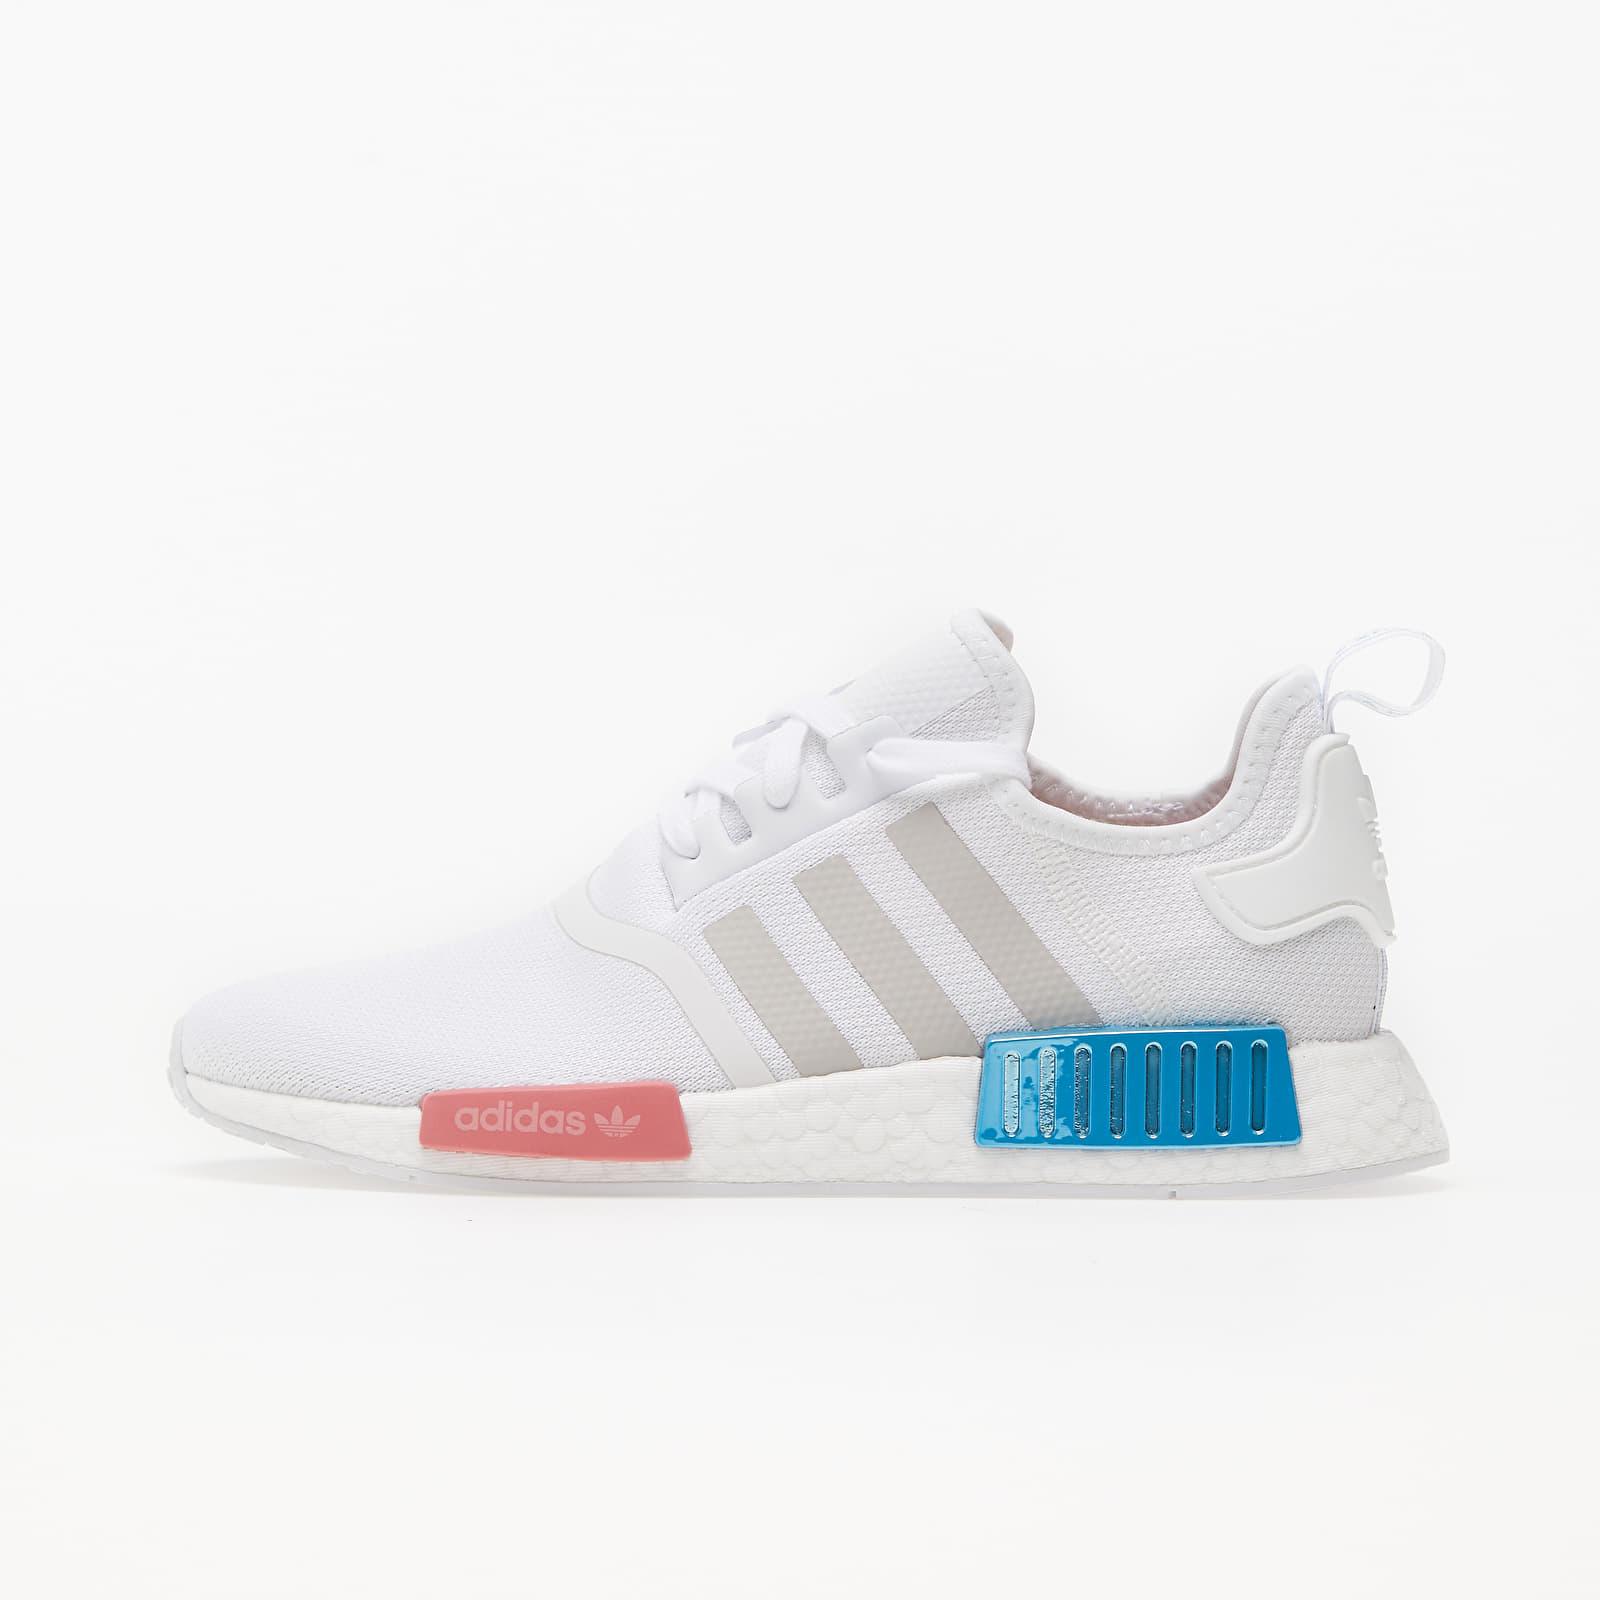 adidas NMD_R1 W Ftwr White/ Grey One/ Hazy Rose EUR 39 1/3